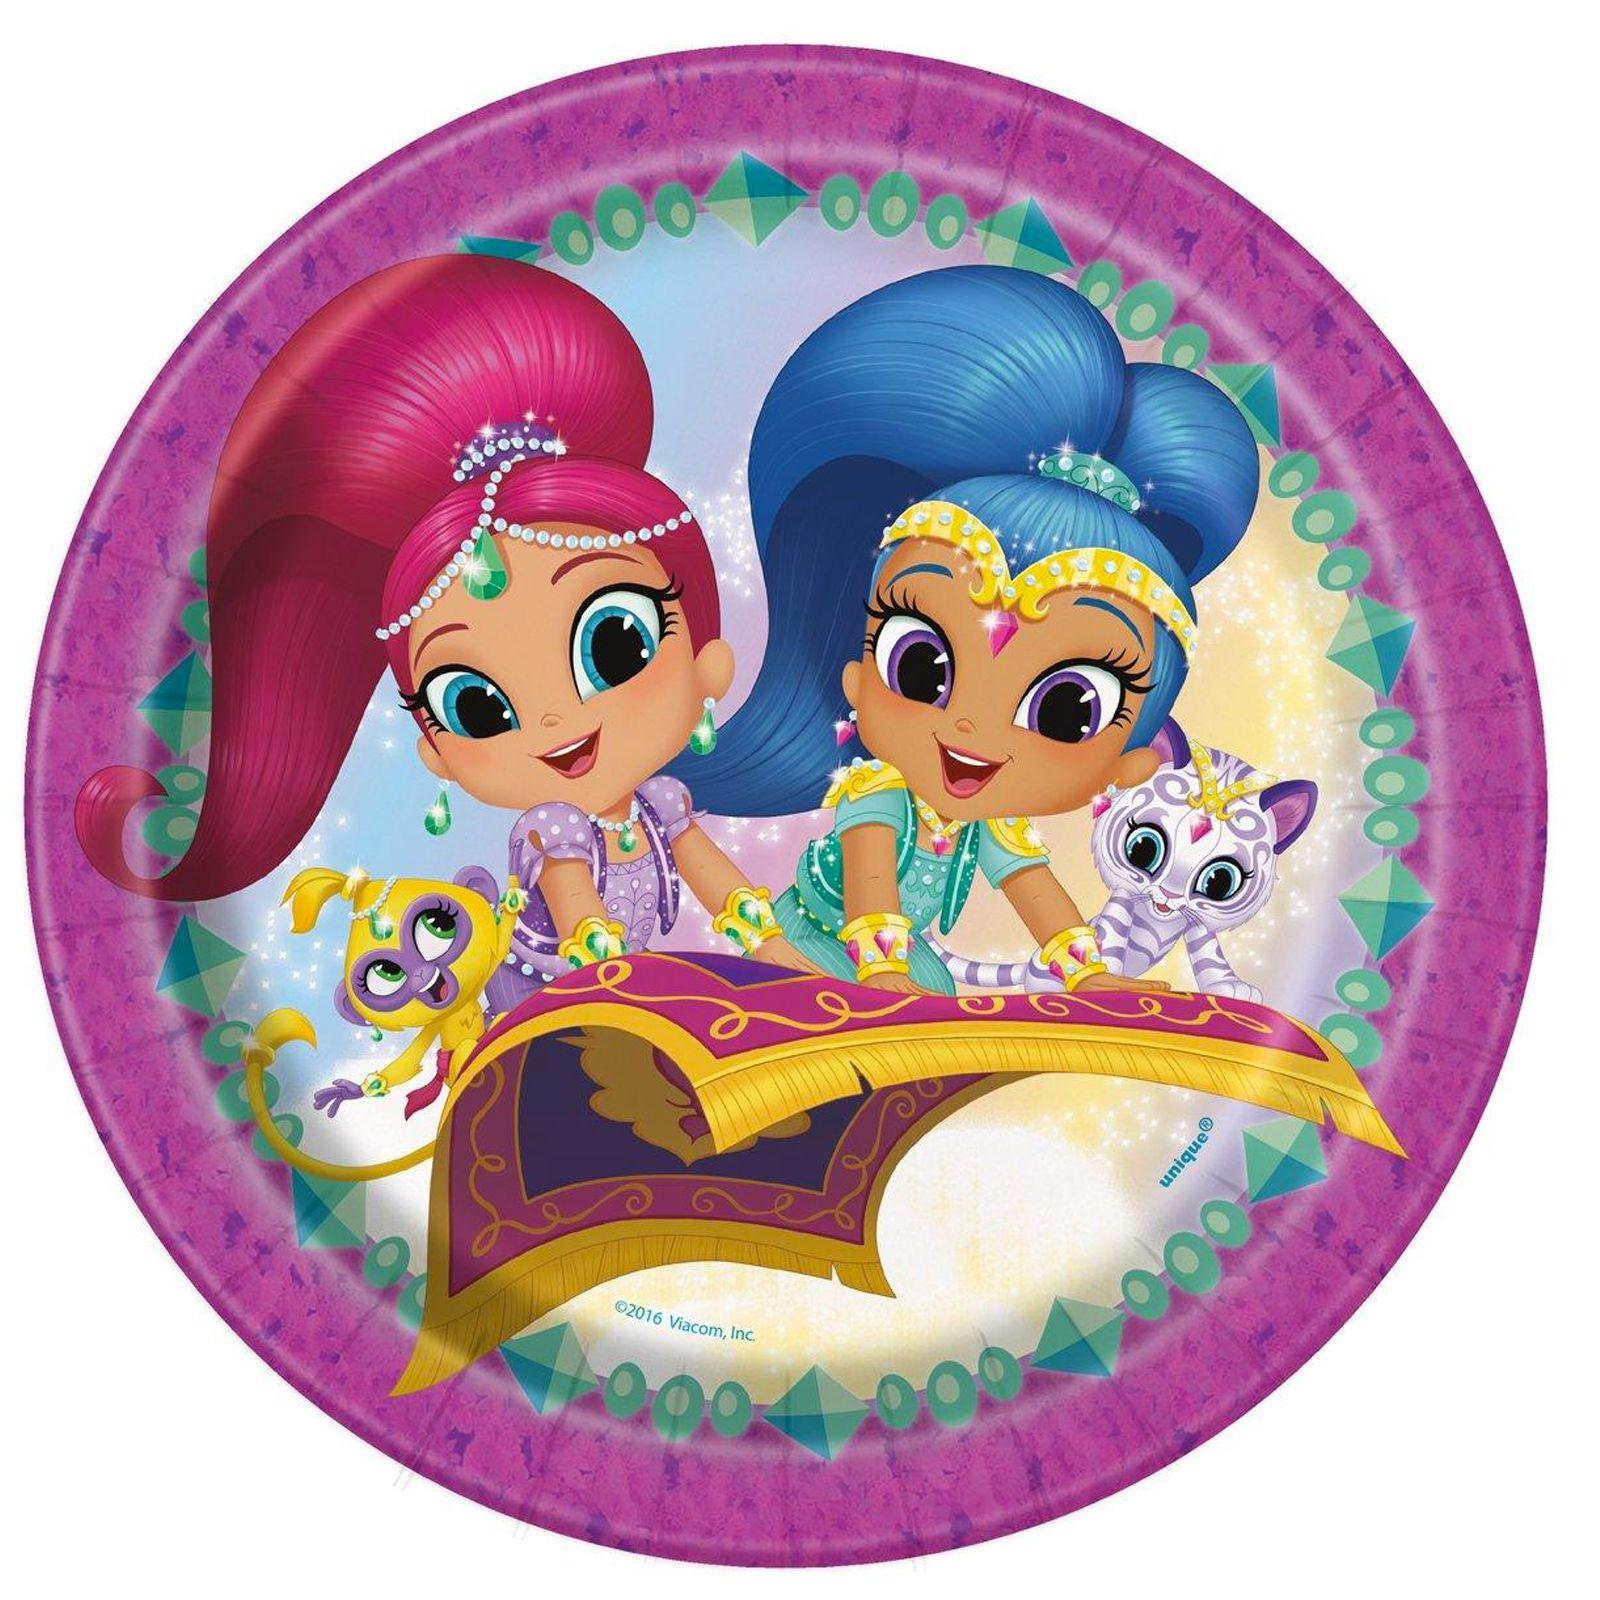 Shimmer Shine Round Plates 8 From Birthdayexpress Com Feestjes Afbeeldingen Activiteiten